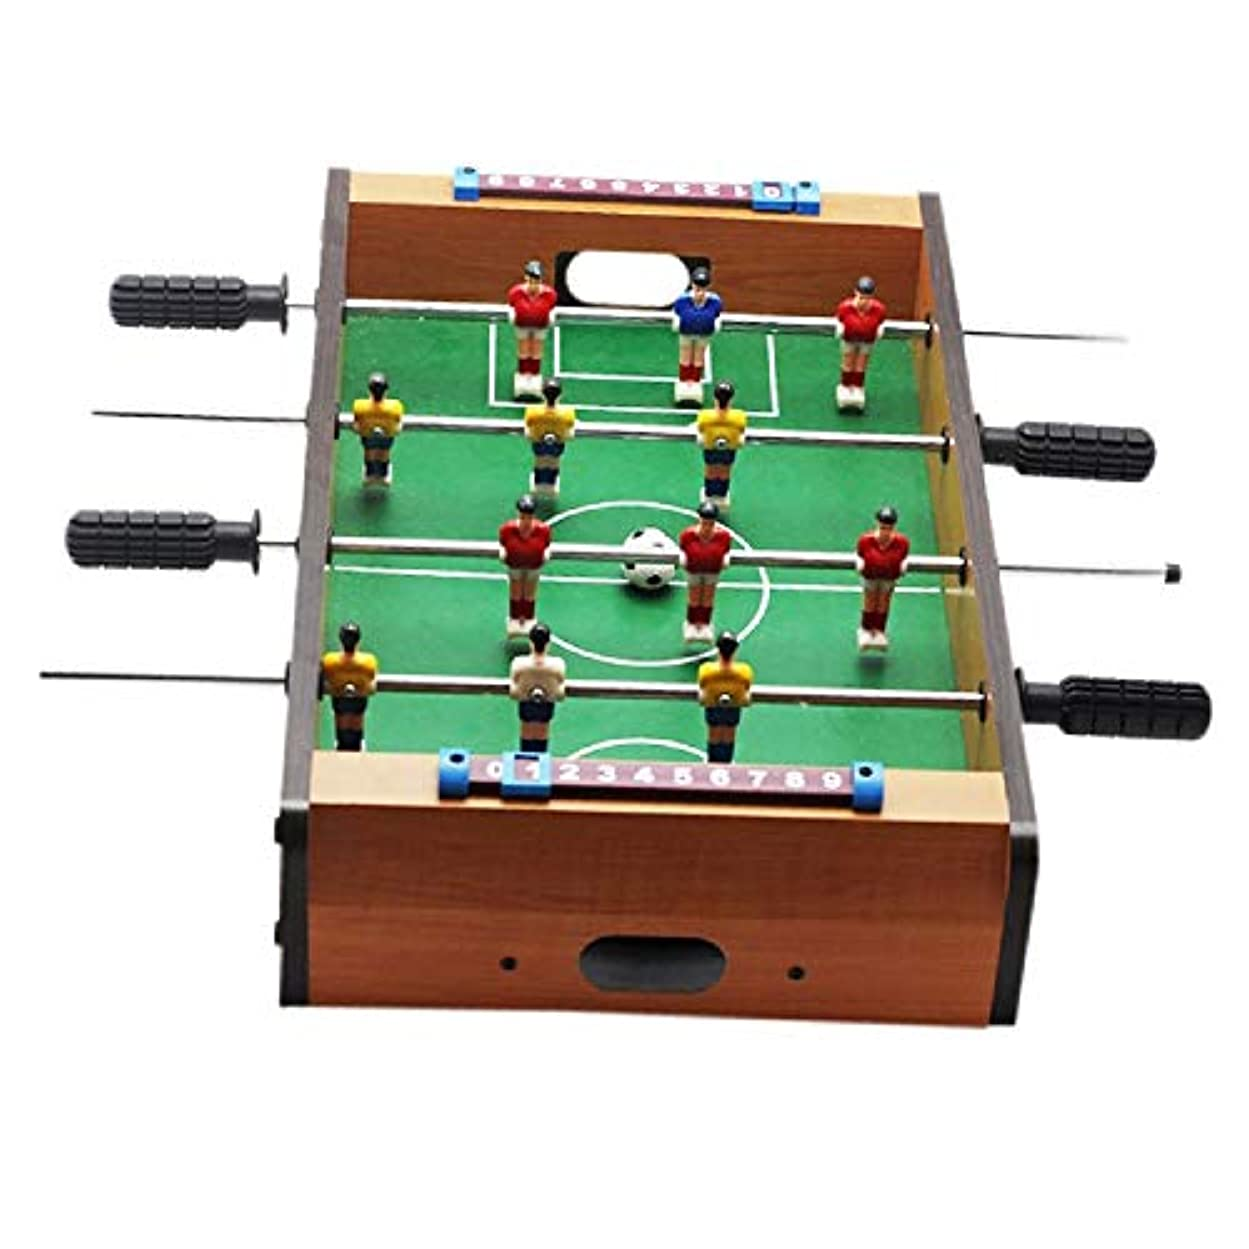 母音グリルダーステーブルゲームDIYの小型フットボールのセット、木の空想のおもちゃ解放圧力